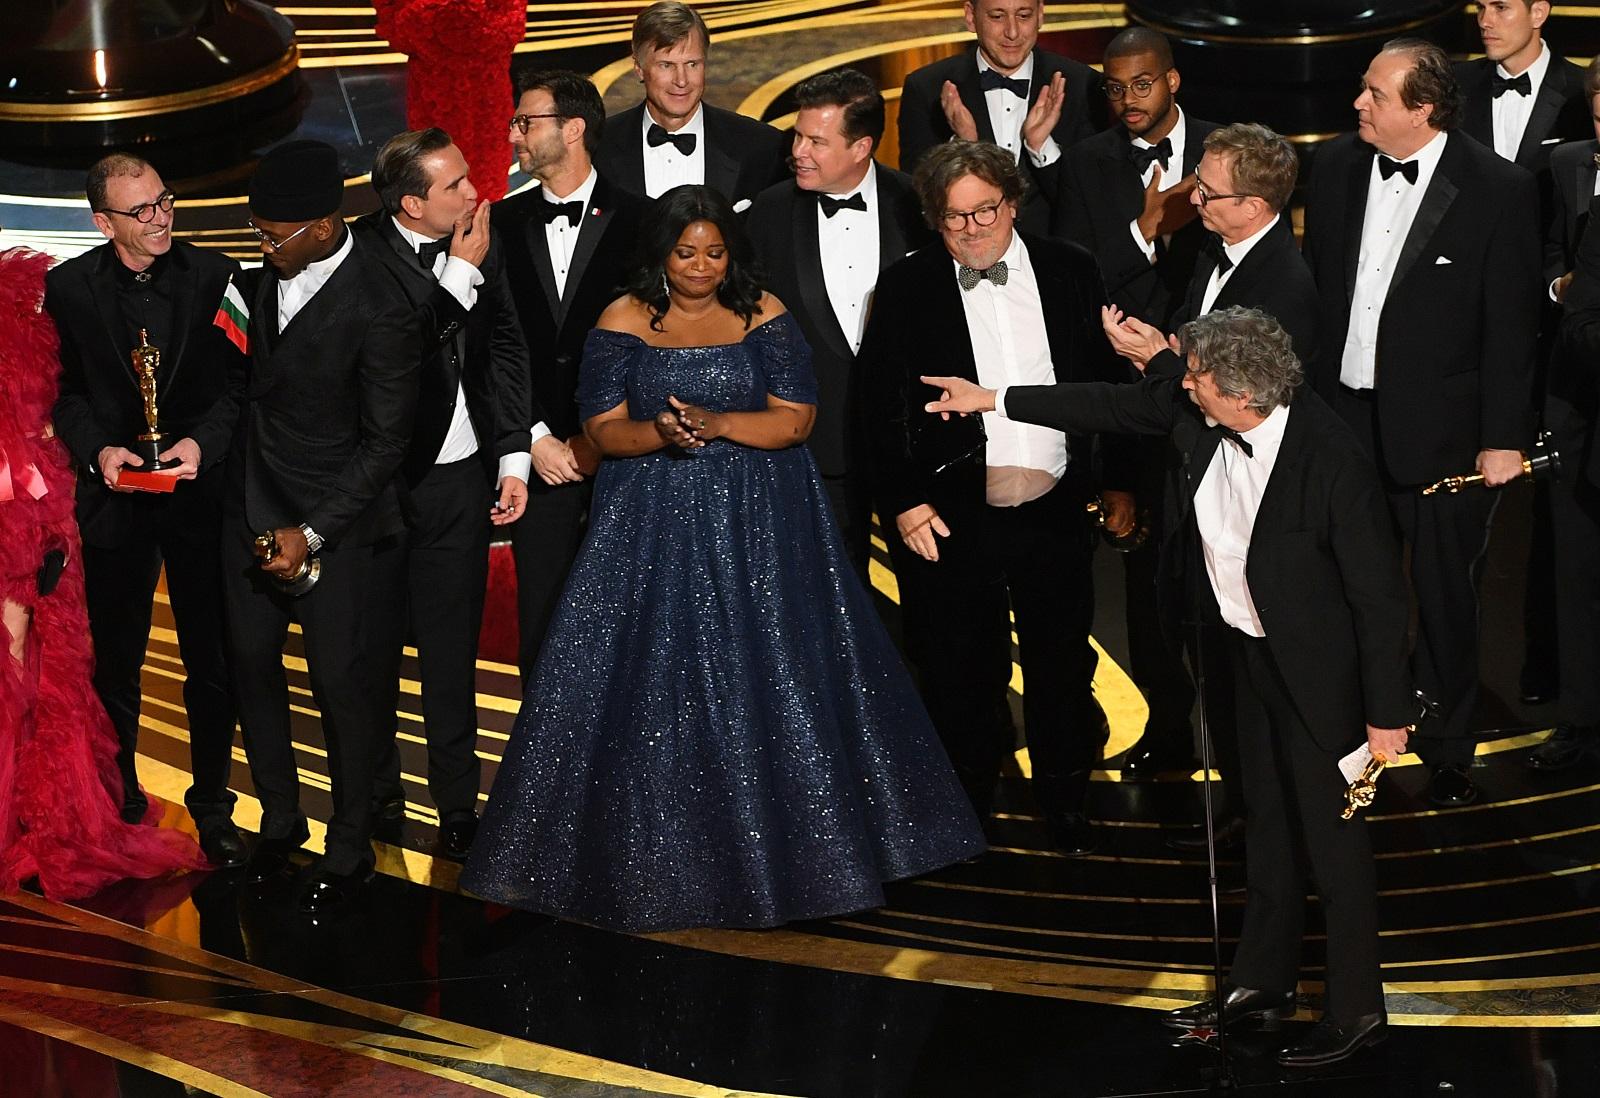 """""""Зелената книга"""" взе Оскар за най-добър филм. На сцената излезе целият актьорски екип, част от който е и българинът Димитър Маринов, който излезе с българския флаг."""